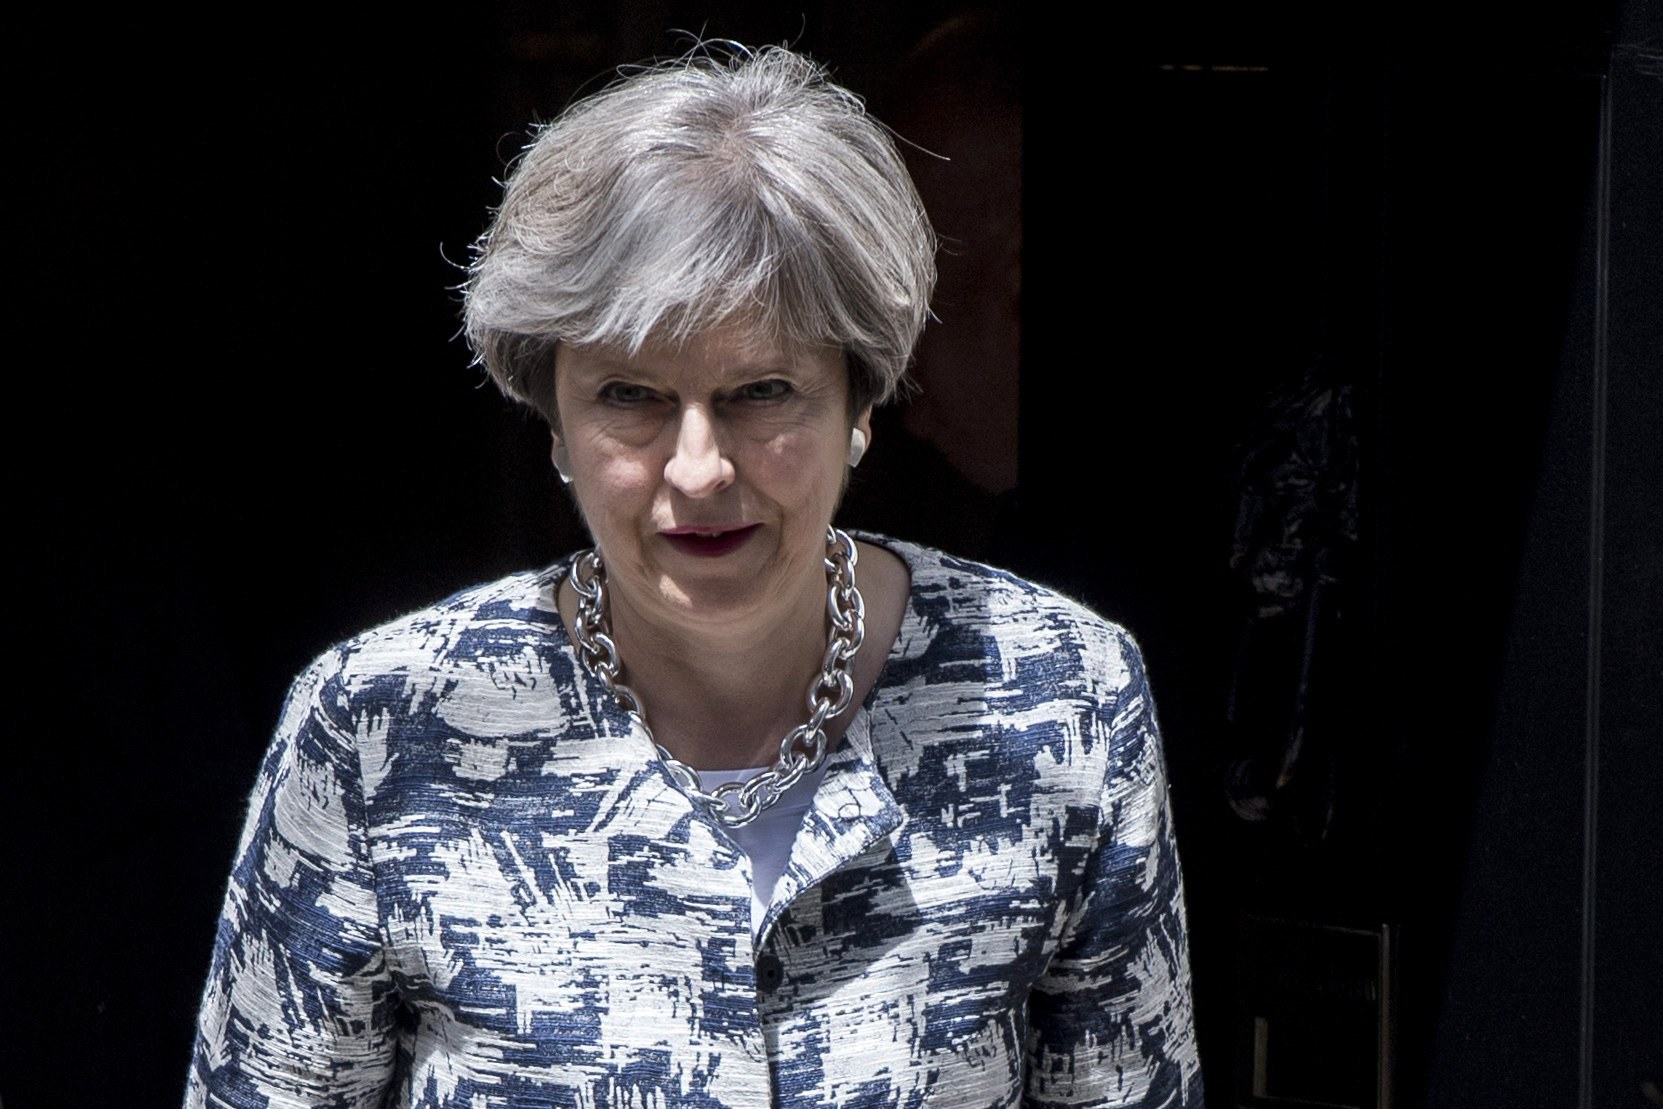 Governo de Theresa May venceu primeiro teste no parlamento britânico